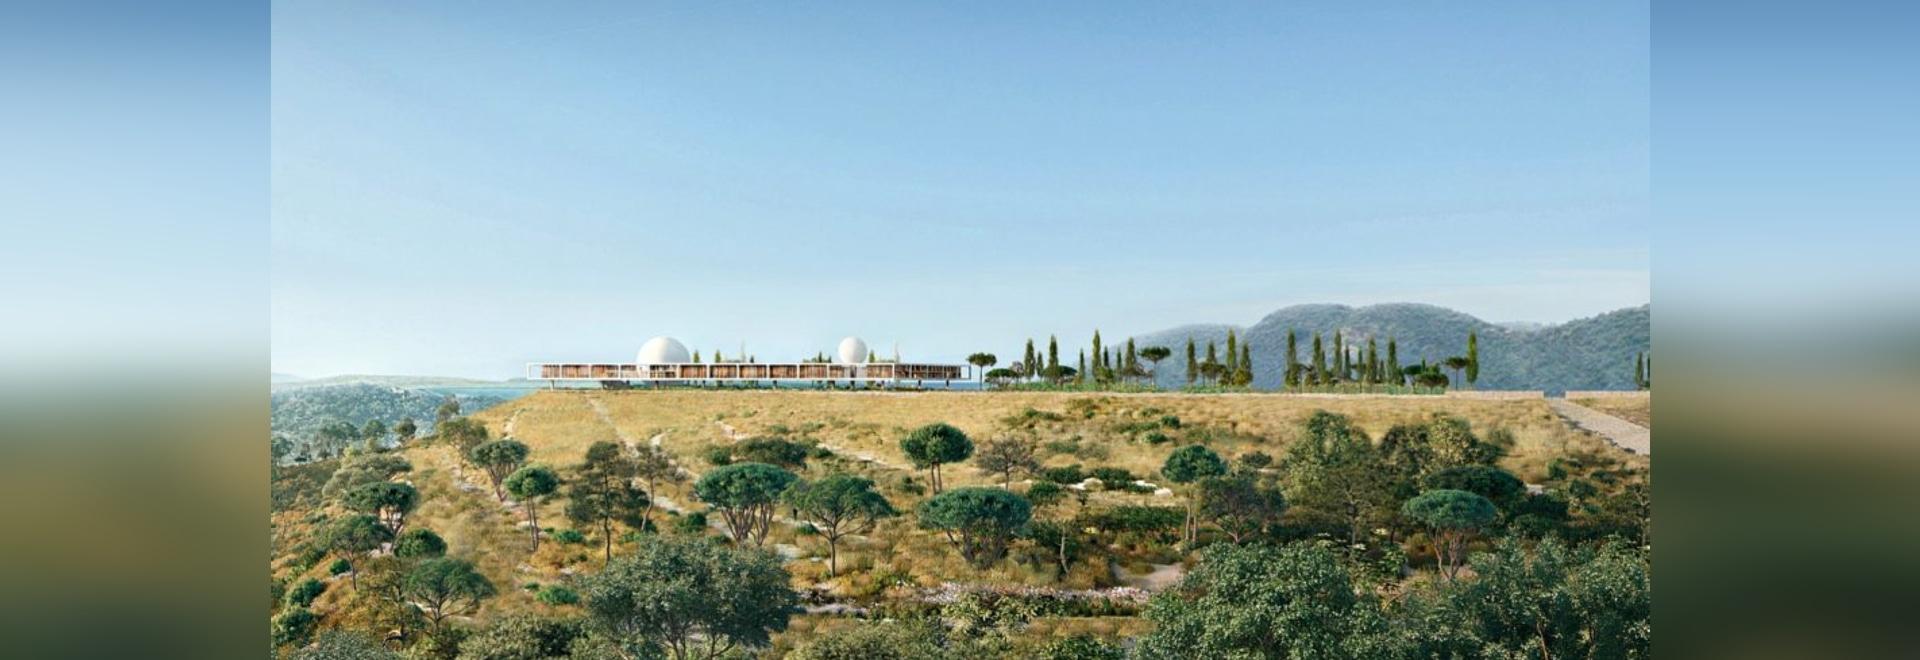 Herzog & de Meuron revela el campus monasterio-inspirado para el nuevo instituto de Berggruen en California